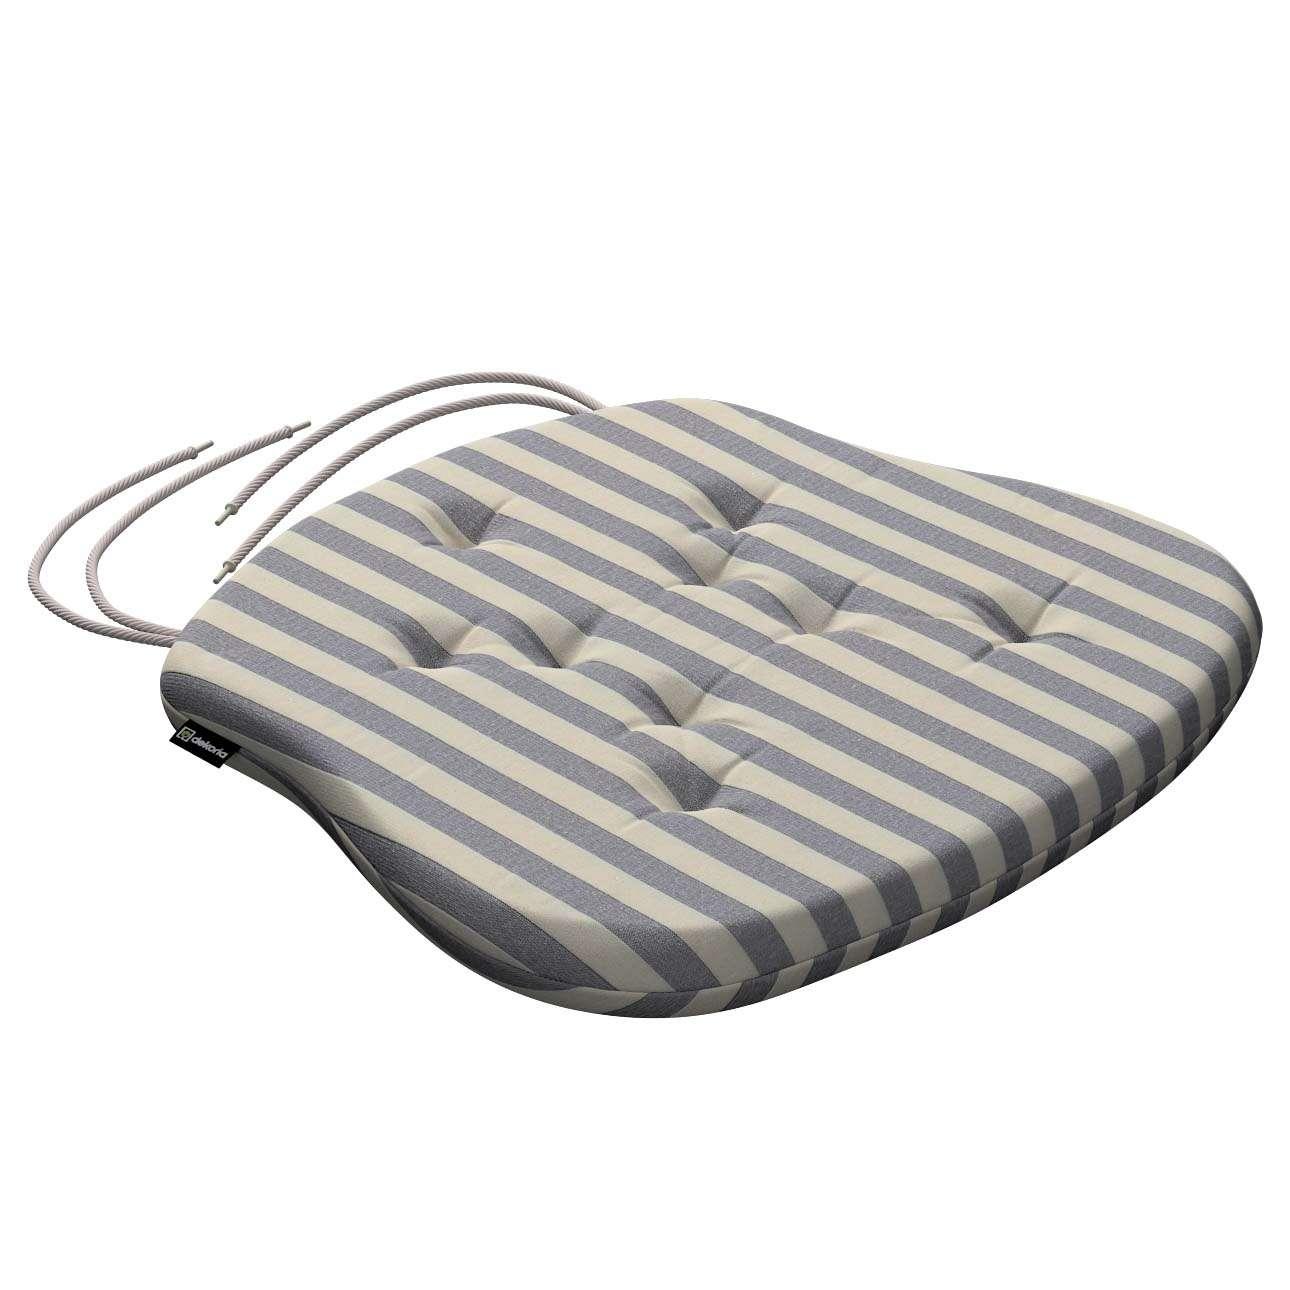 Siedzisko Filip na krzesło 41x38x3,5 cm w kolekcji Quadro, tkanina: 136-02